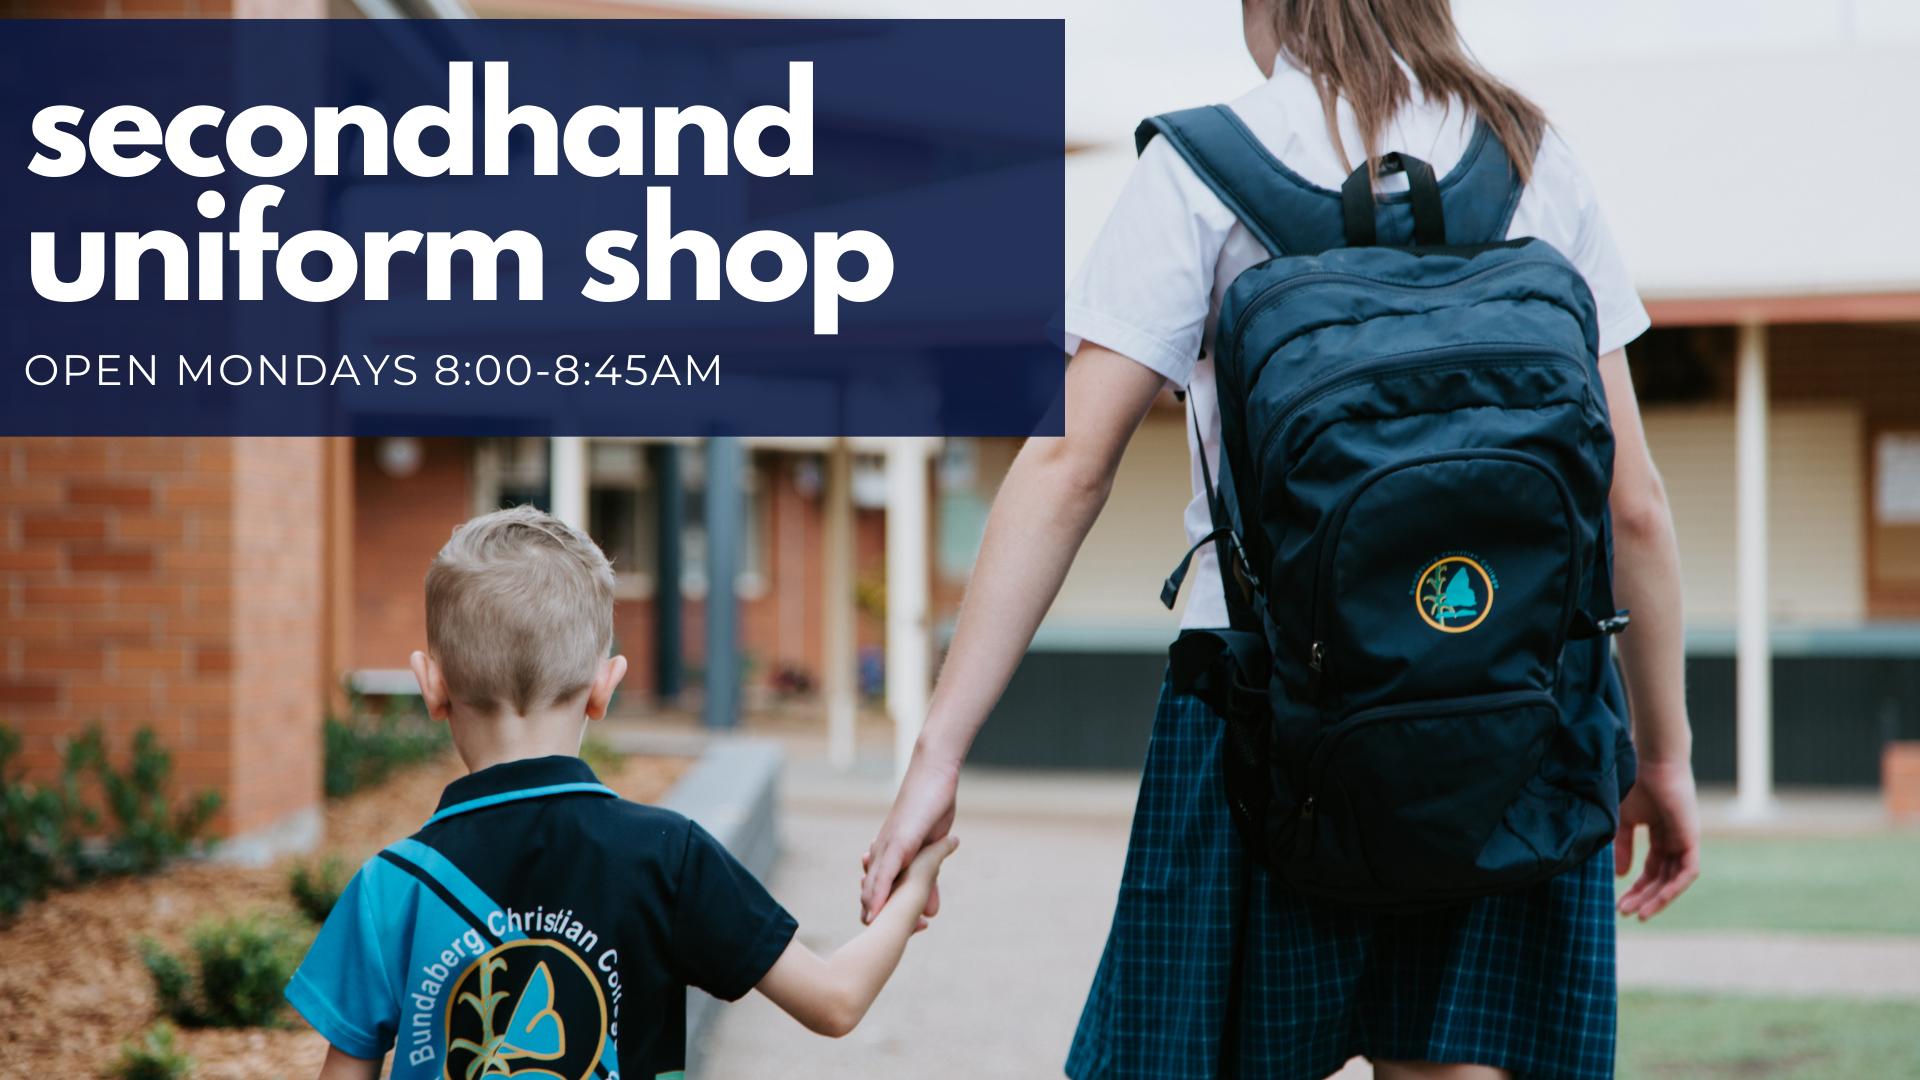 Secondhand Uniform Shop